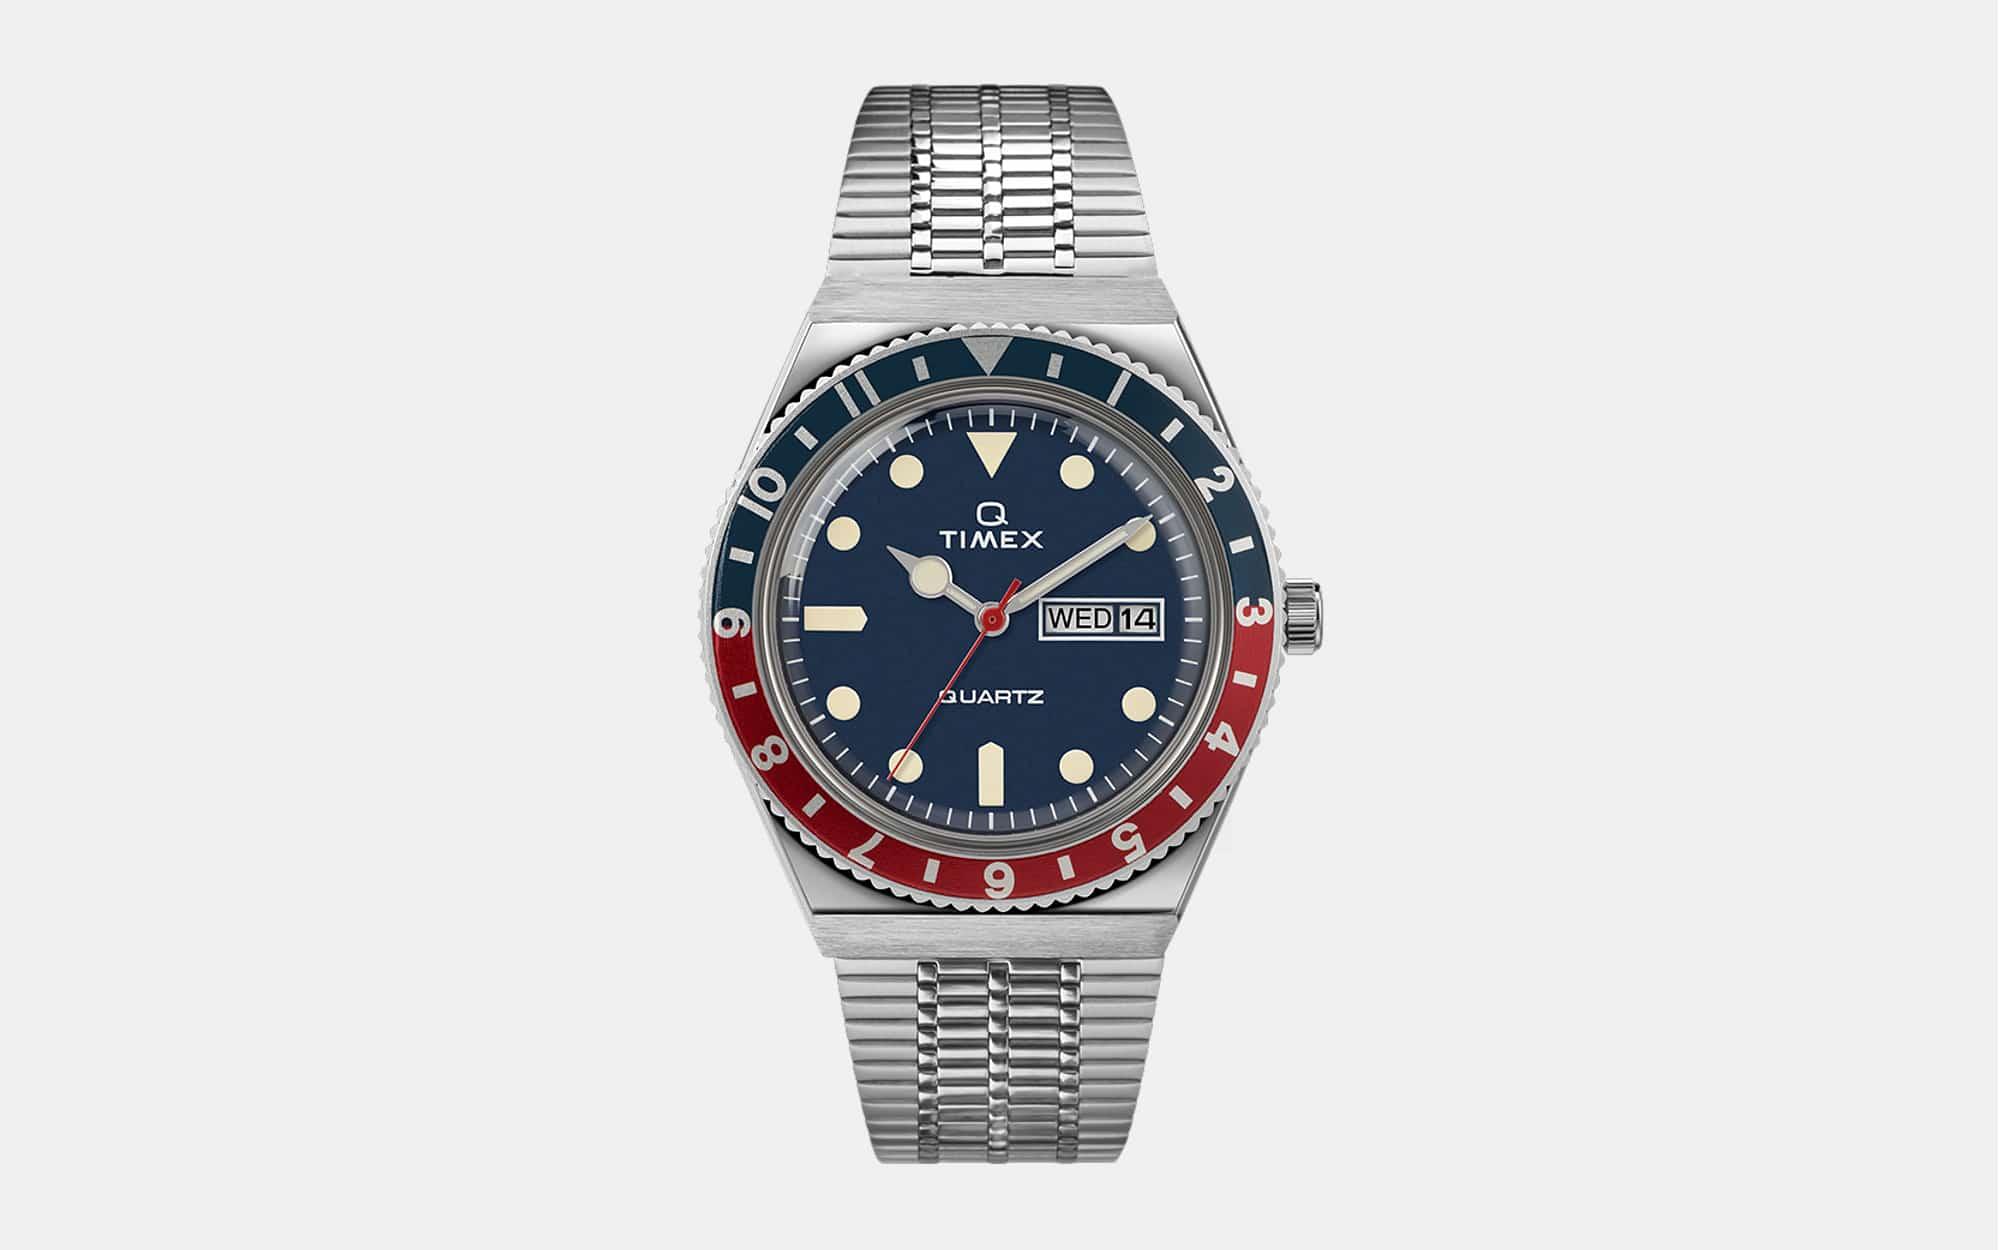 Q Timex Reissue Watch